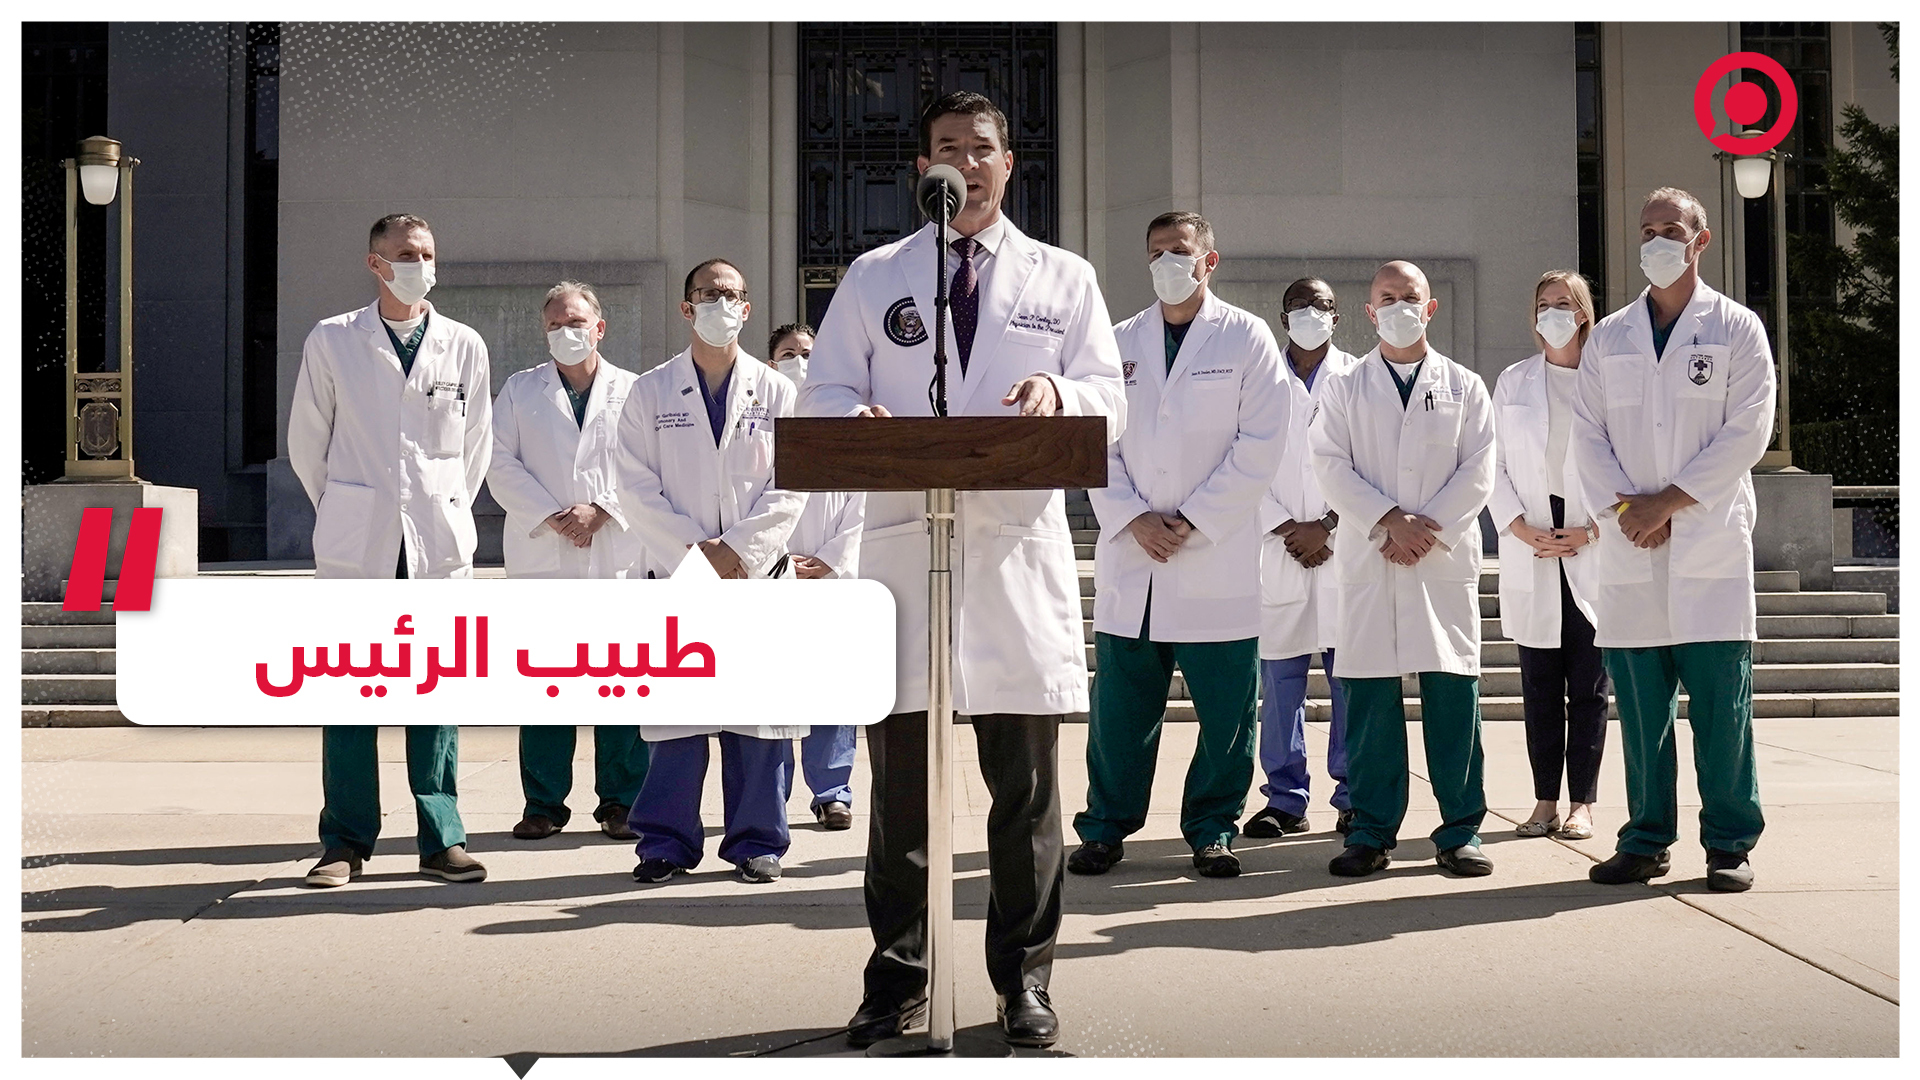 طبيب الرئيس